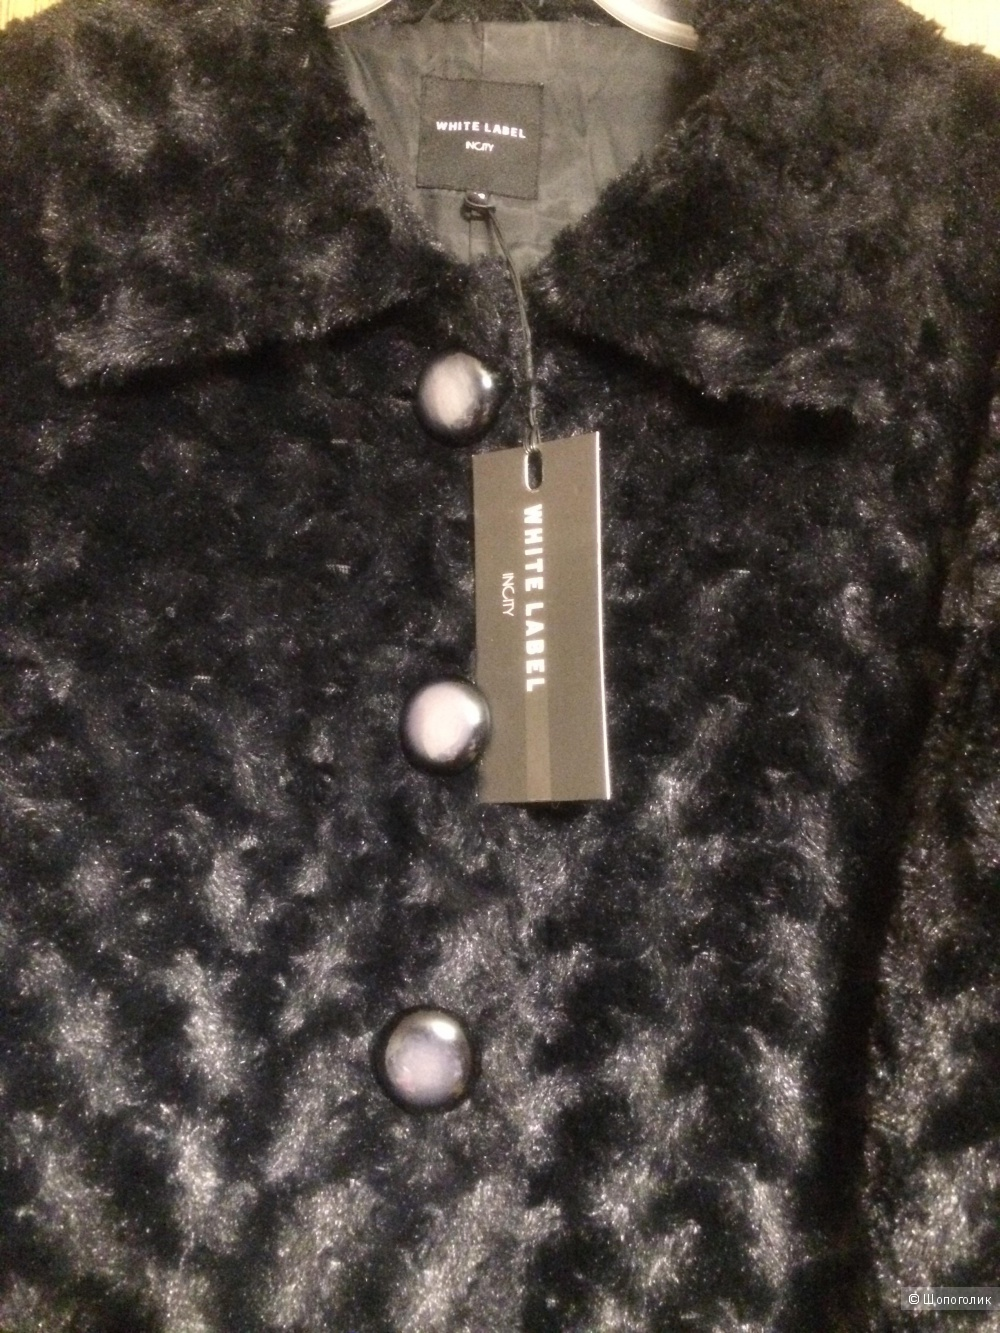 Курточка плюш WHITE LABEL Incity 48 размер